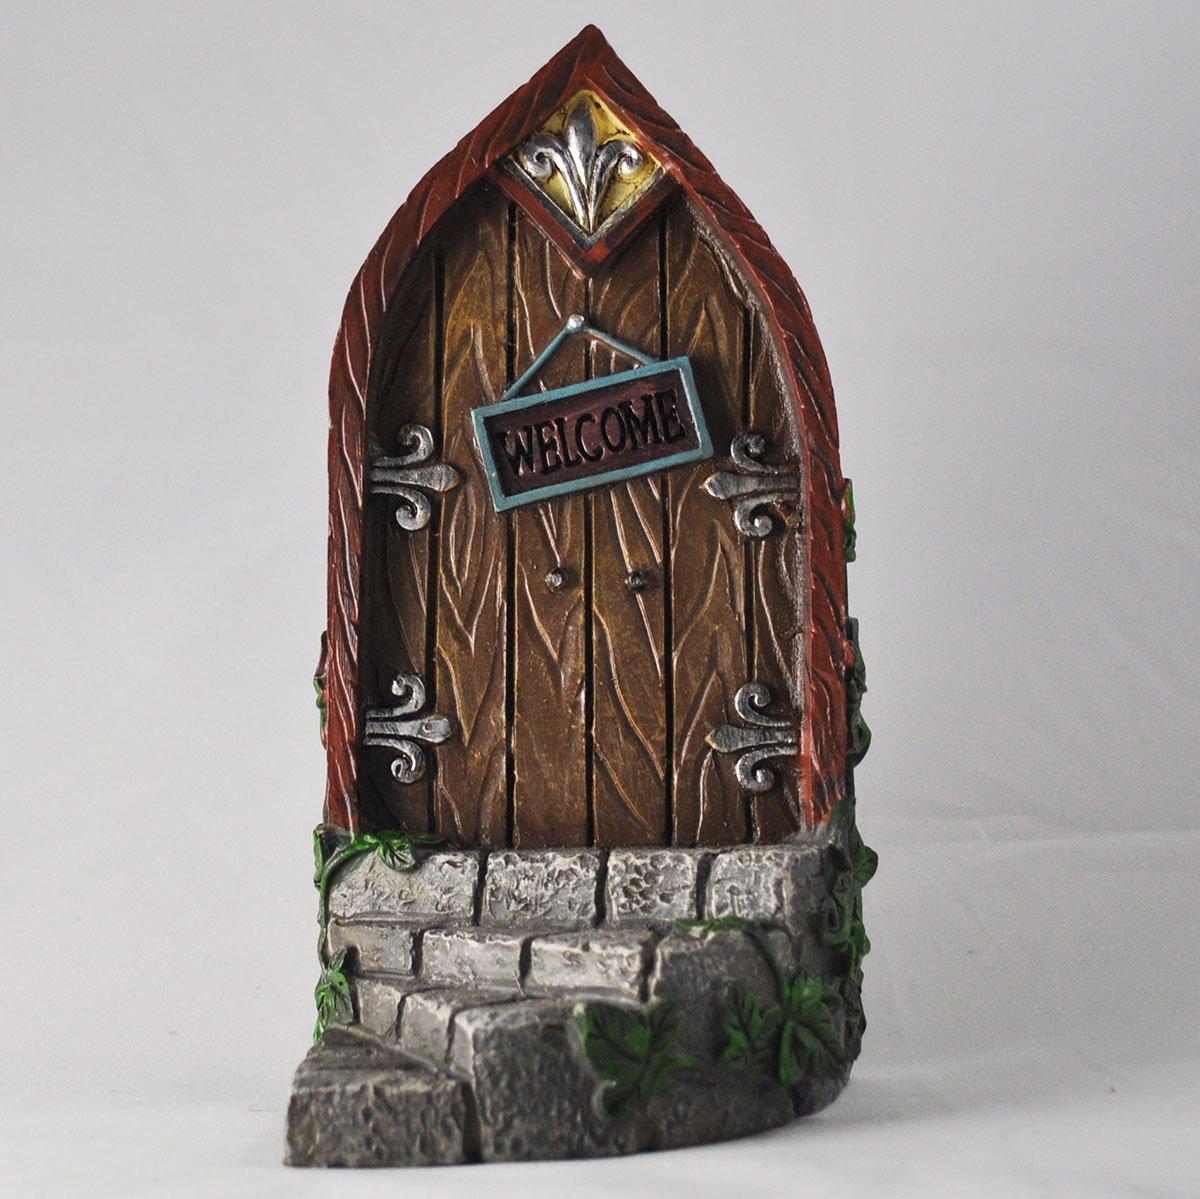 Fairy door curved step golden metalwork by fiesta studios for Amazon uk fairy doors